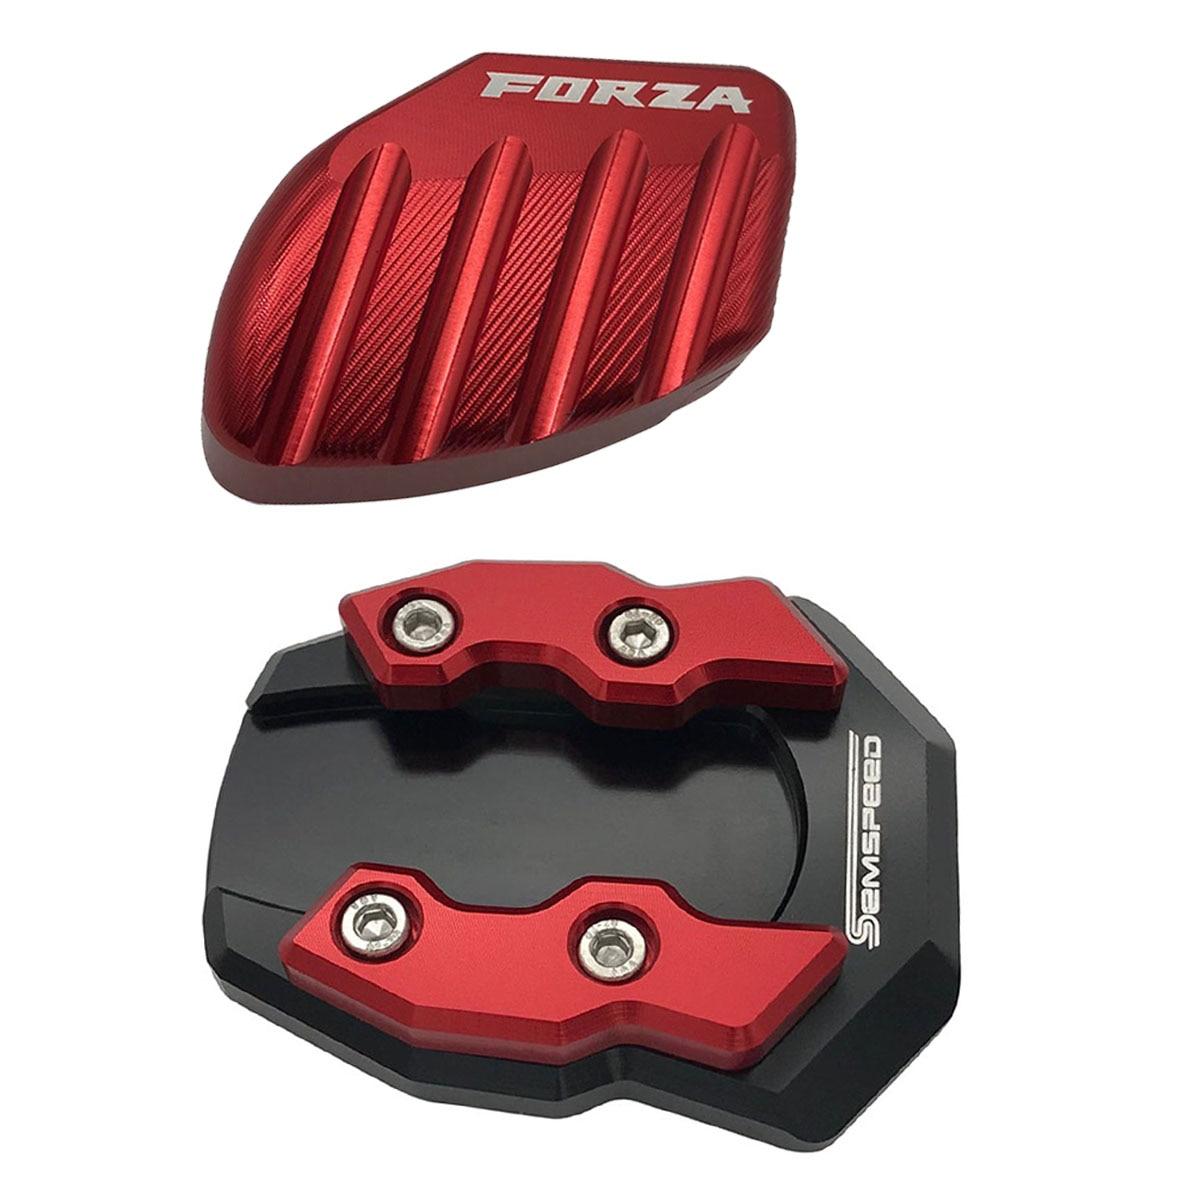 La motocicleta 2 uds lado soporte de apoyo para Honda FORZA 250, 2017, 2018, 2019, 2020 reposapiés pie extensión almohadillas plato